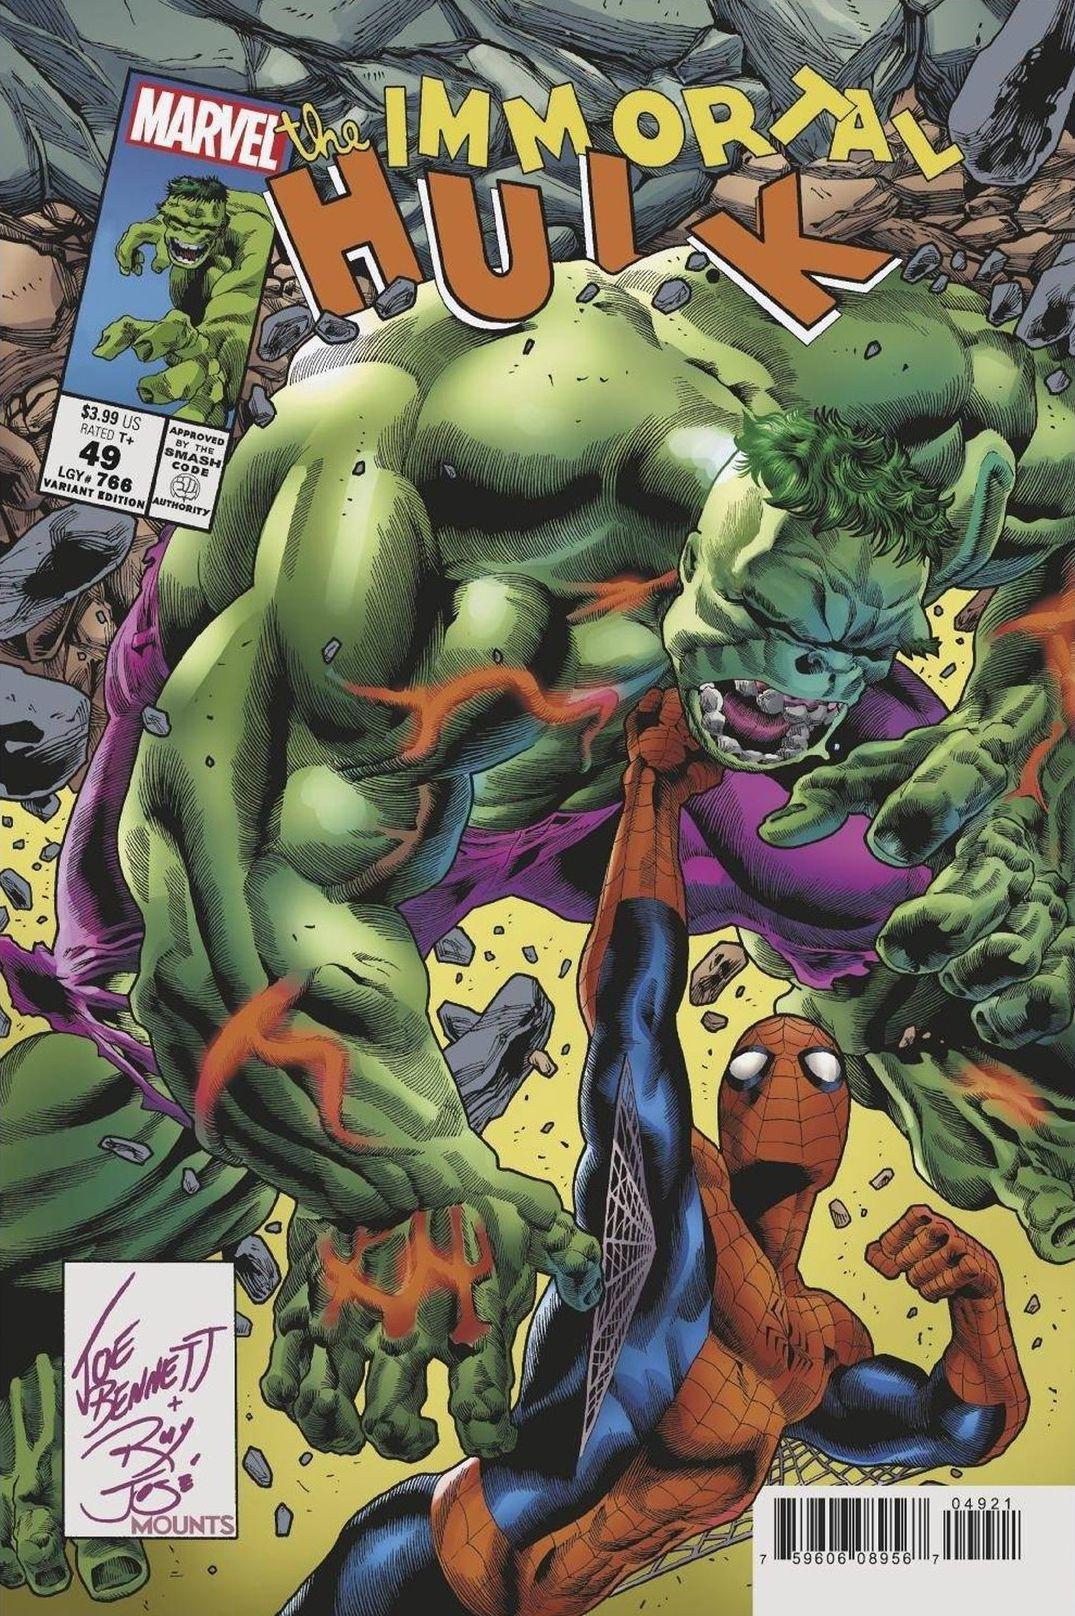 eyJidWNrZXQiOiJnb2NvbGxlY3QuaW1hZ2VzLnB1YiIsImtleSI6IjE1ZTRhZWI3LWQ4MzEtNDU1NC1hMjliLWI3M2Y2YmNmM2M1Mi5qcGciLCJlZGl0cyI6W119 ComicList: Marvel Comics New Releases for 08/04/2021